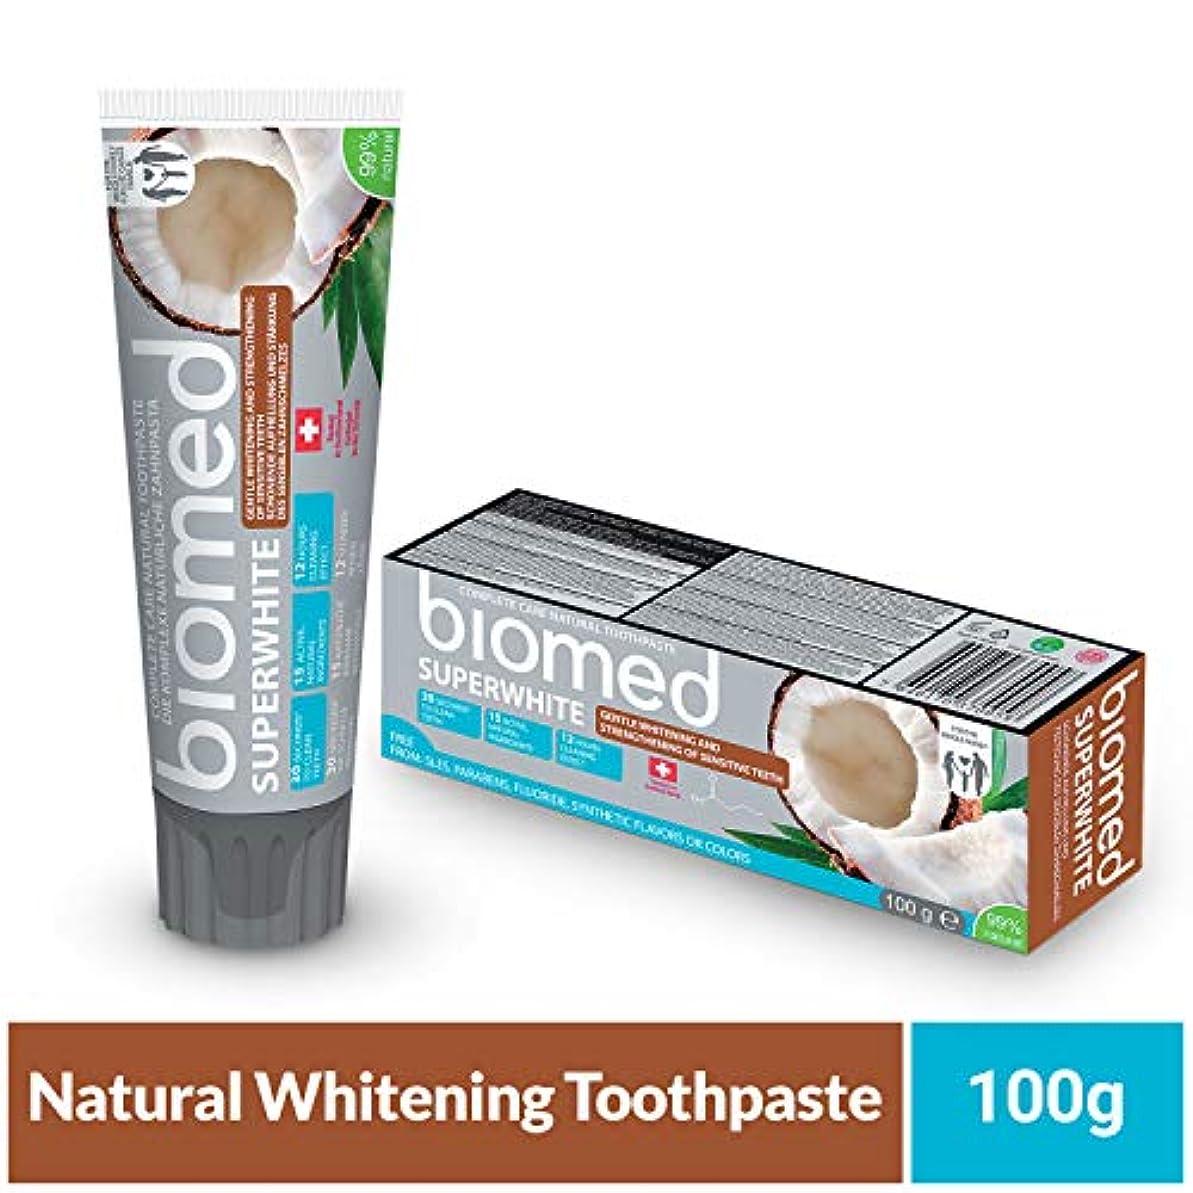 バイオメッドスーパーホワイト練り歯磨き(75ml)